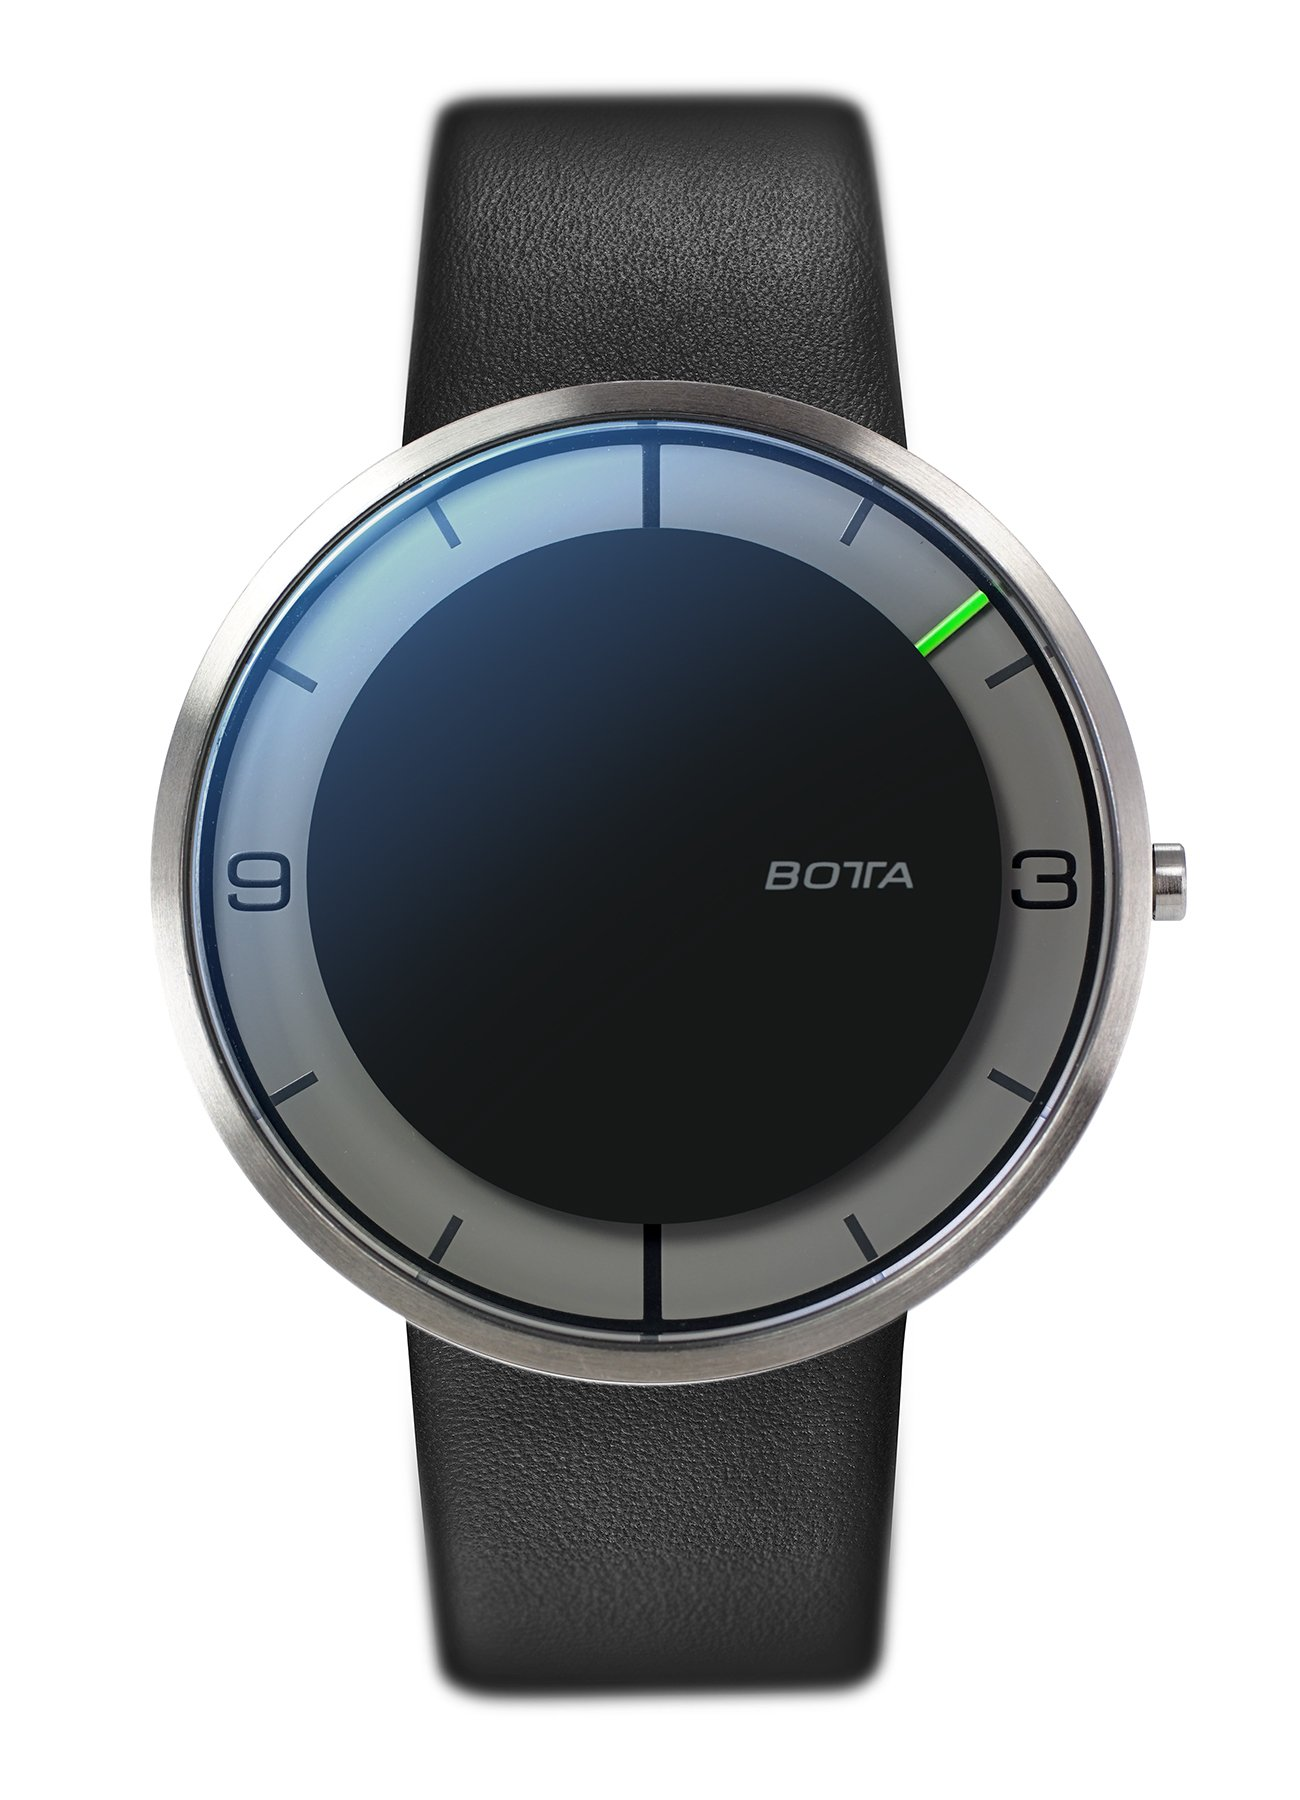 BOTTA-Design-NOVA-Plus-Herren-Einzeigeruhr-Analog-Schweizer-Quarzwerk-mit-Lederarmband-750000